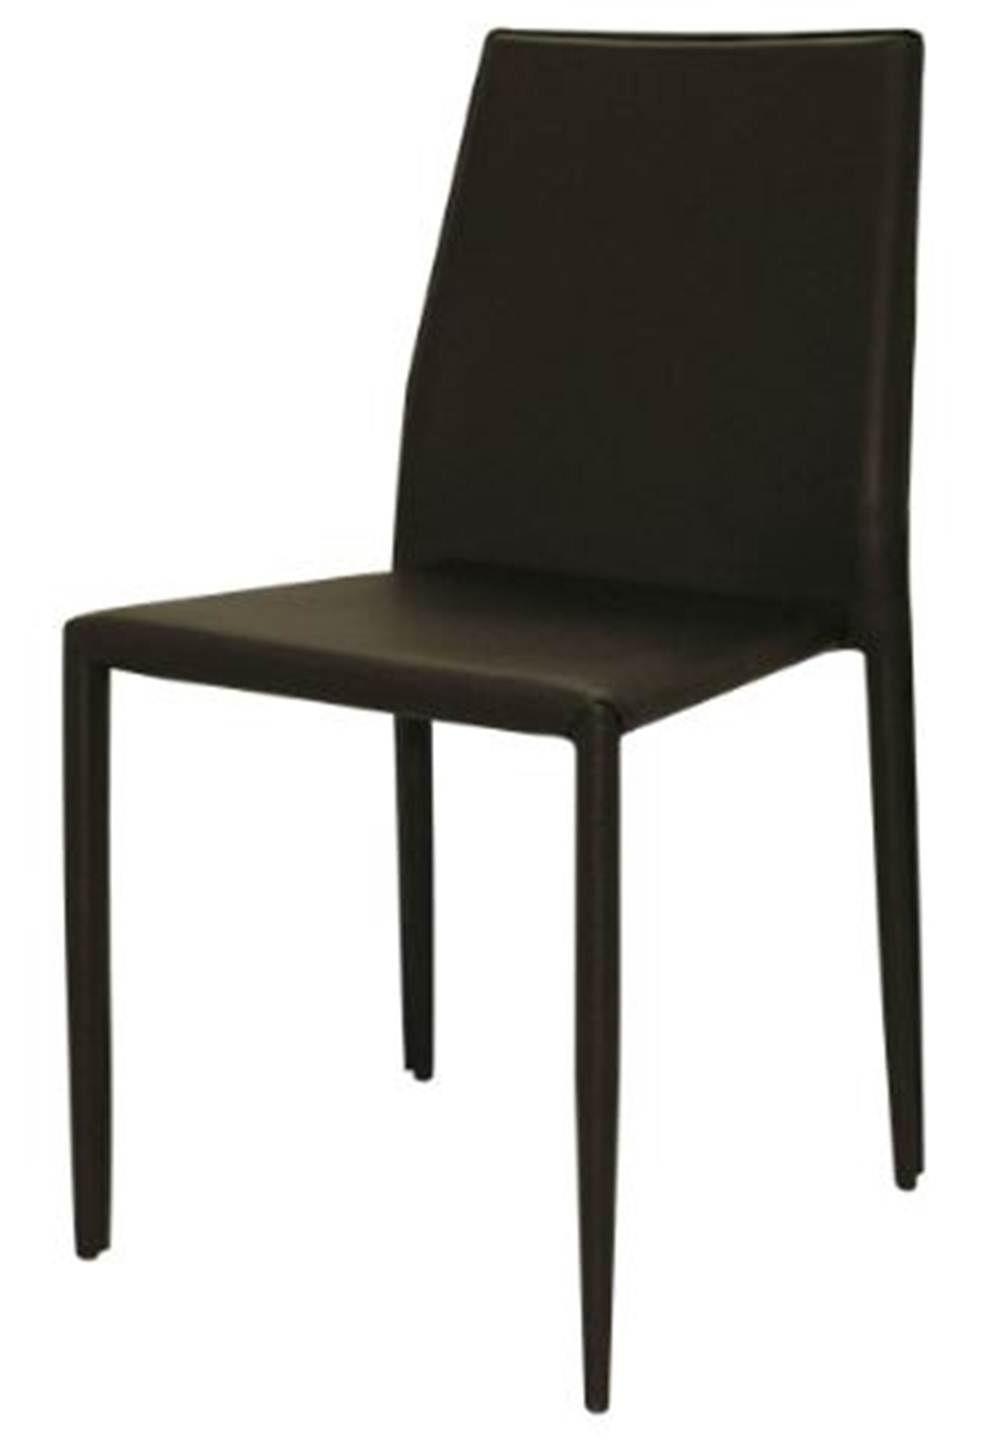 Cadeira Amanda 6606 em Metal PVC Marrom - 32868